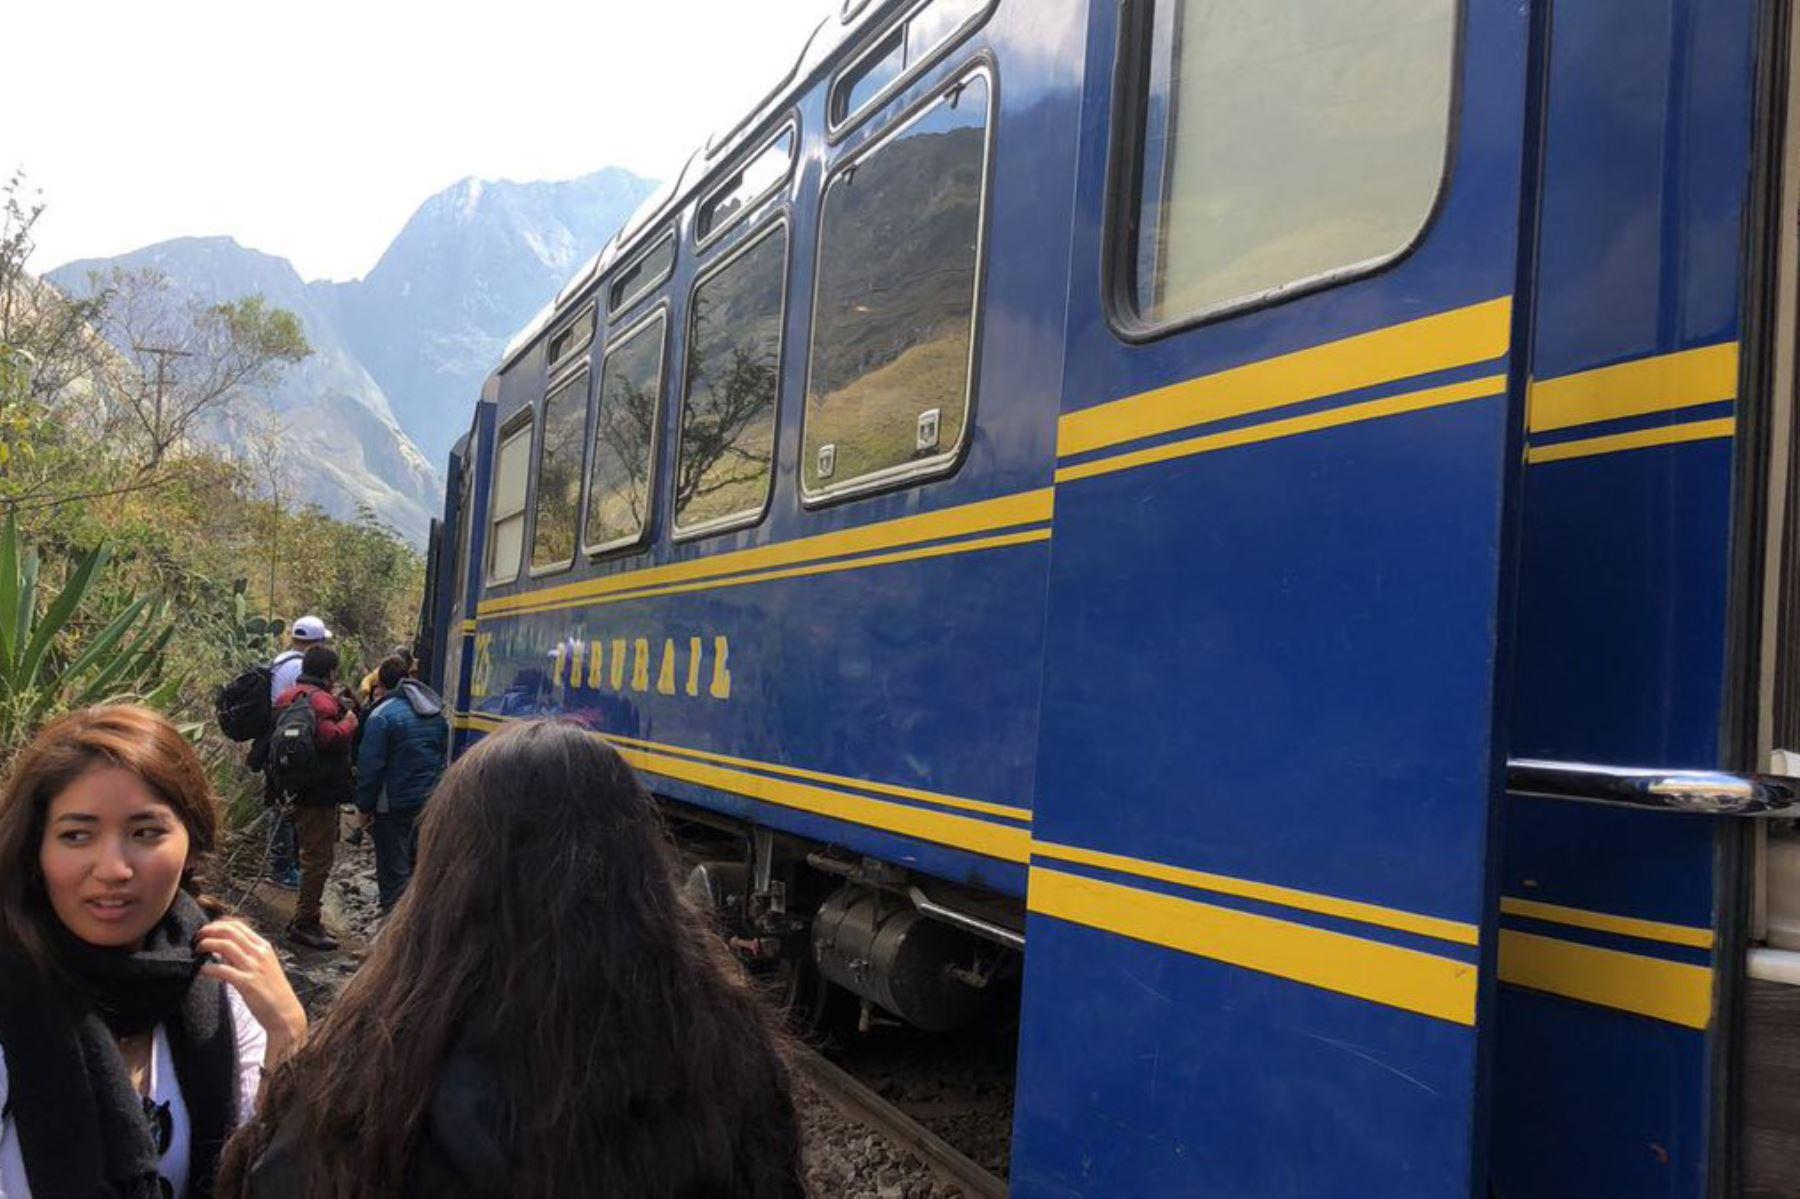 """Tras el choque de dos trenes ocurrido en la víspera en la vía férrea OIlantaytambo- Machu Picchu, en la región Cusco, personal técnico de la Dirección General de Caminos y Ferrocarriles del MTC verifica """"in situ"""" si fueron cumplidos los protocolos de seguridad establecidos en la normativa sobre tiempos de salida en la vía férrea. INTERNET/Medios"""